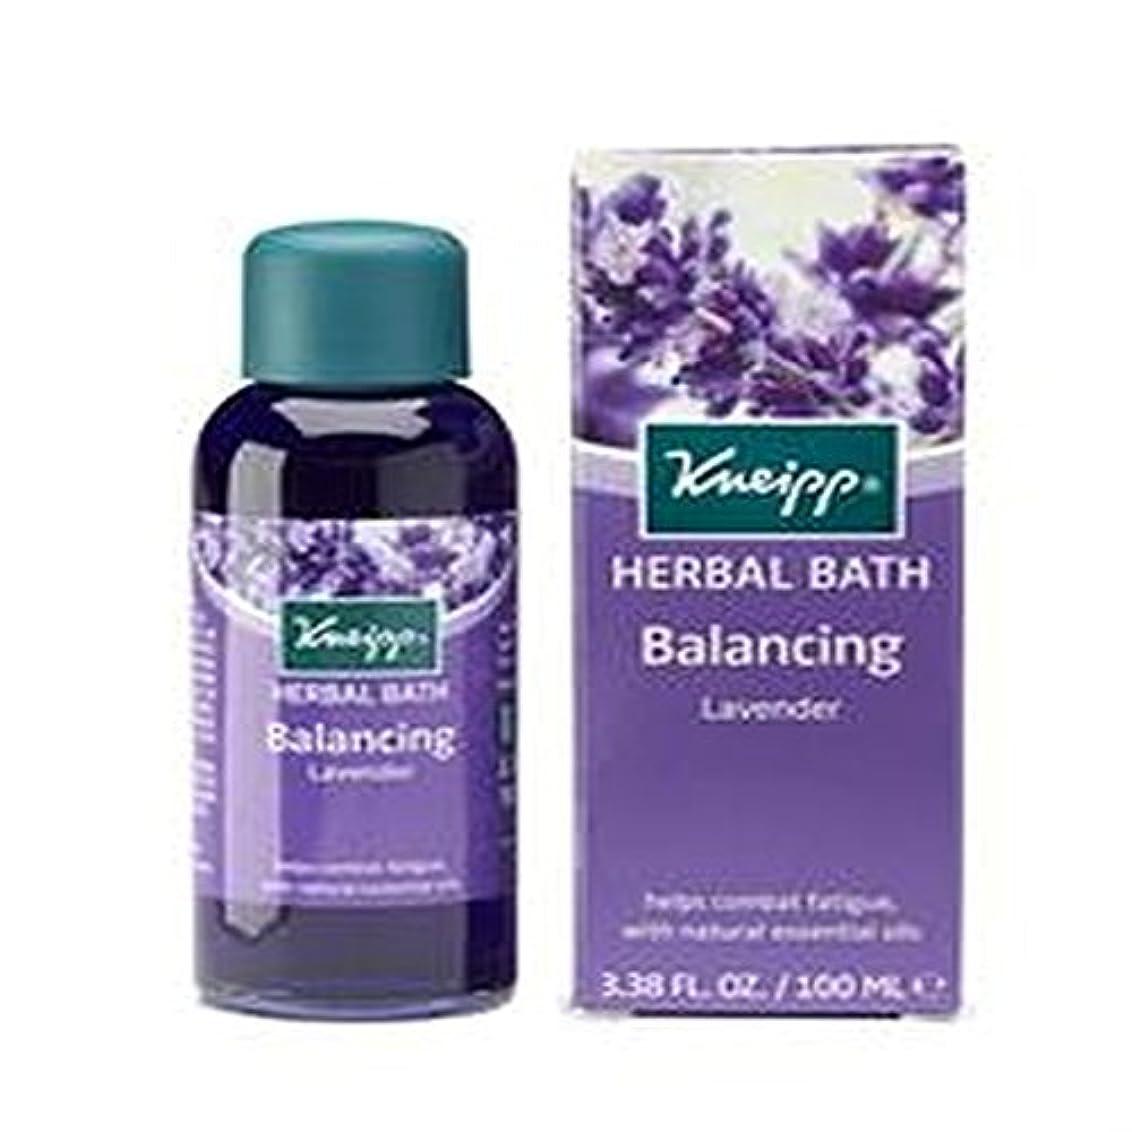 適度なレンド控えめなKneipp Balancing Lavender Herbal Bath - 3.38 Oz. (並行輸入品) [並行輸入品]